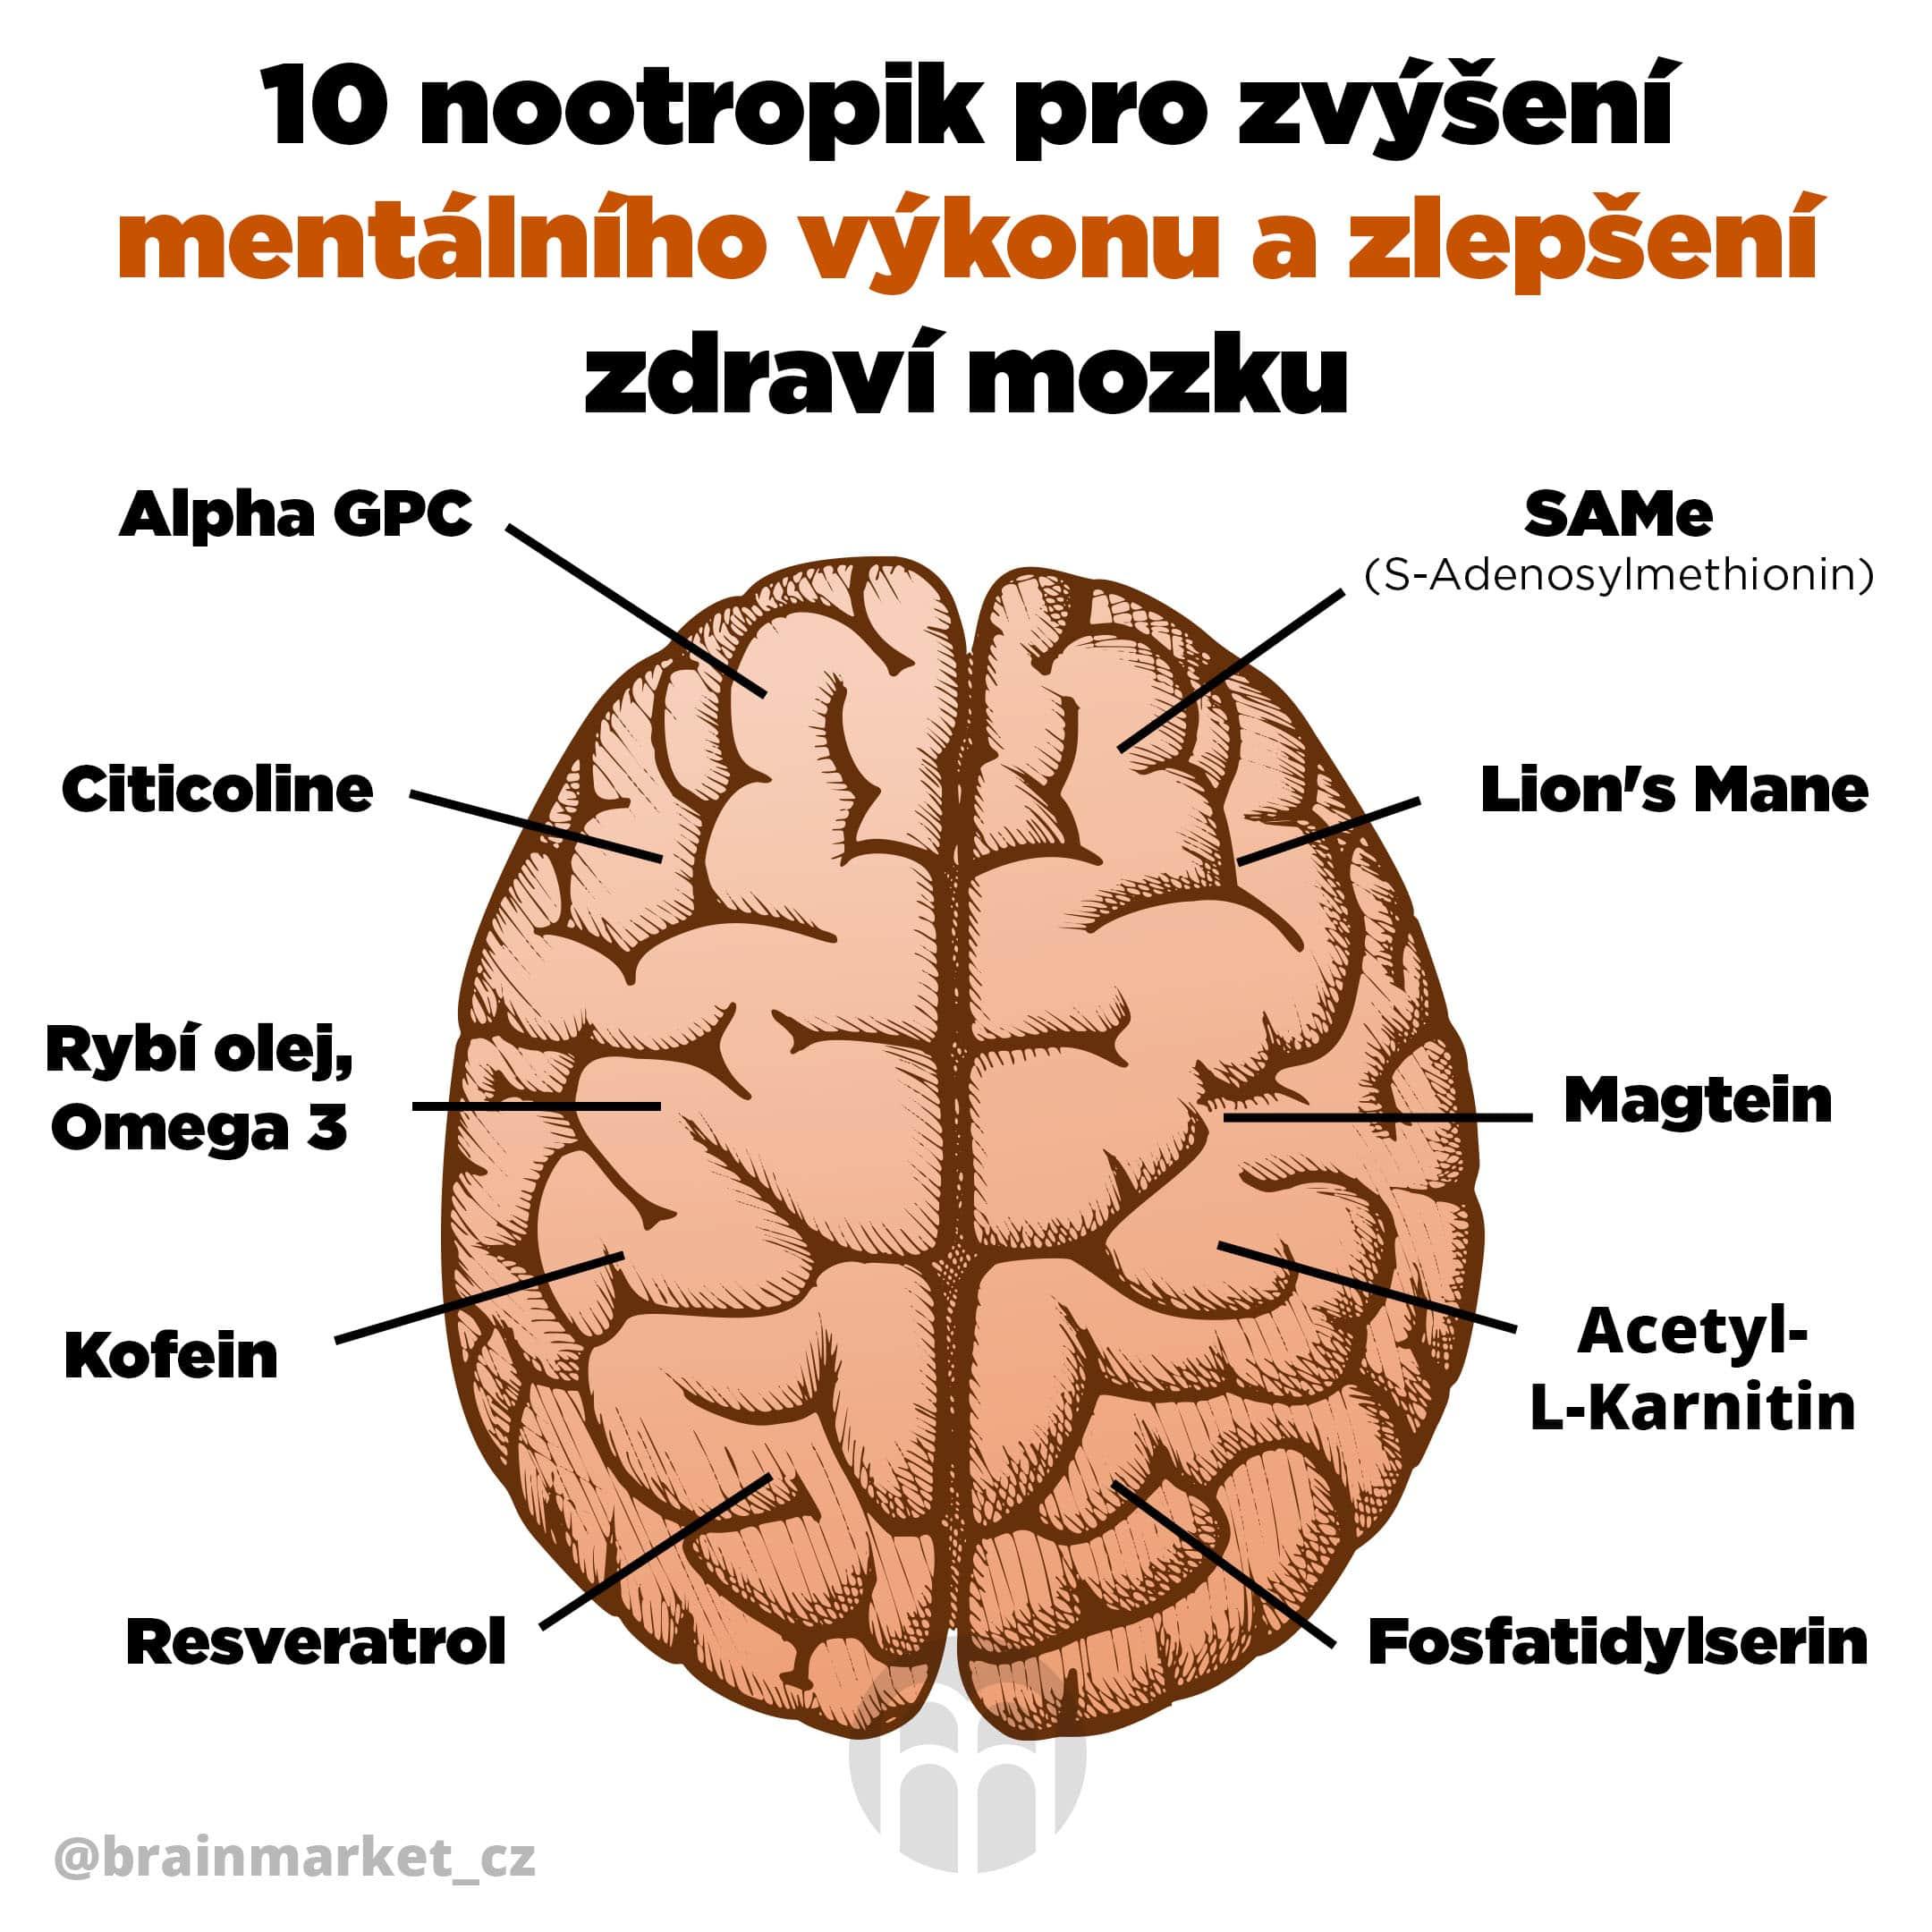 10 nootropik pro zvýšení mentálního výkonu a zlepšení zdraví mozku